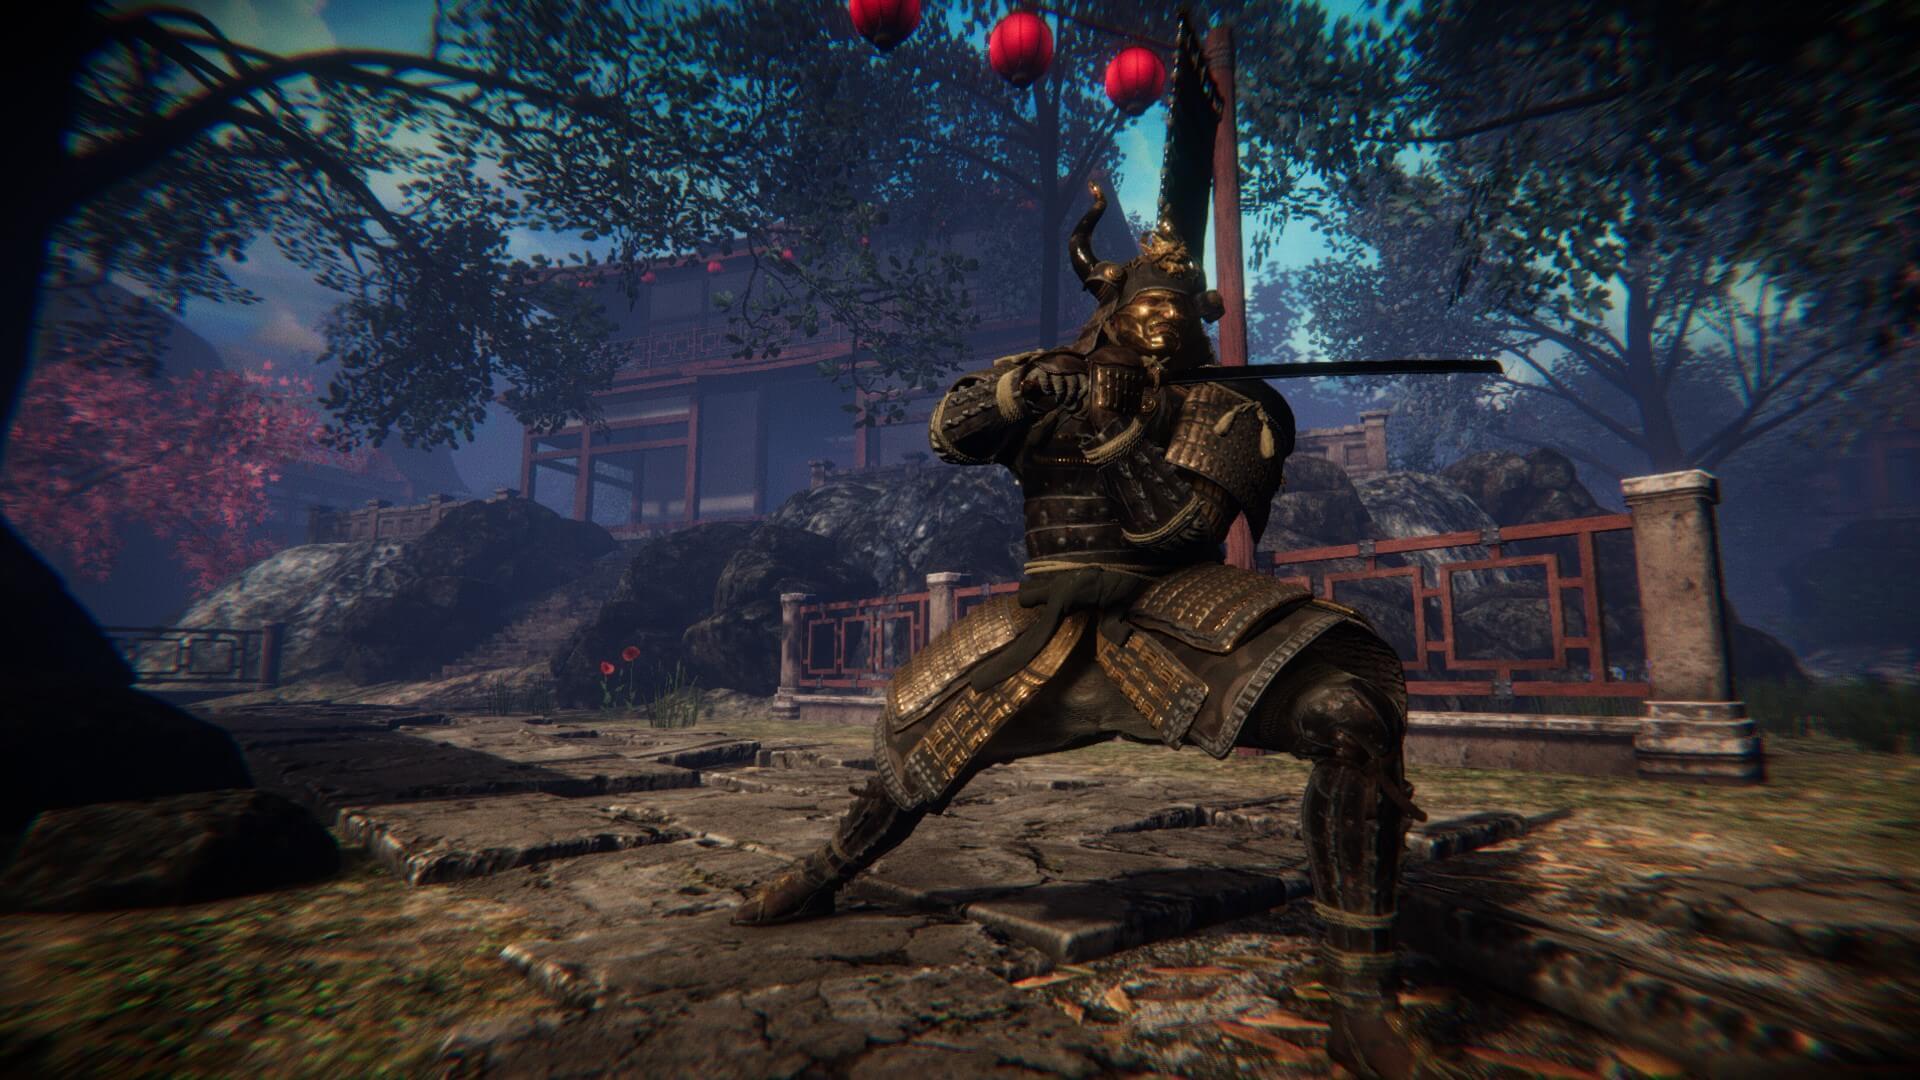 Samurai-Simulator-